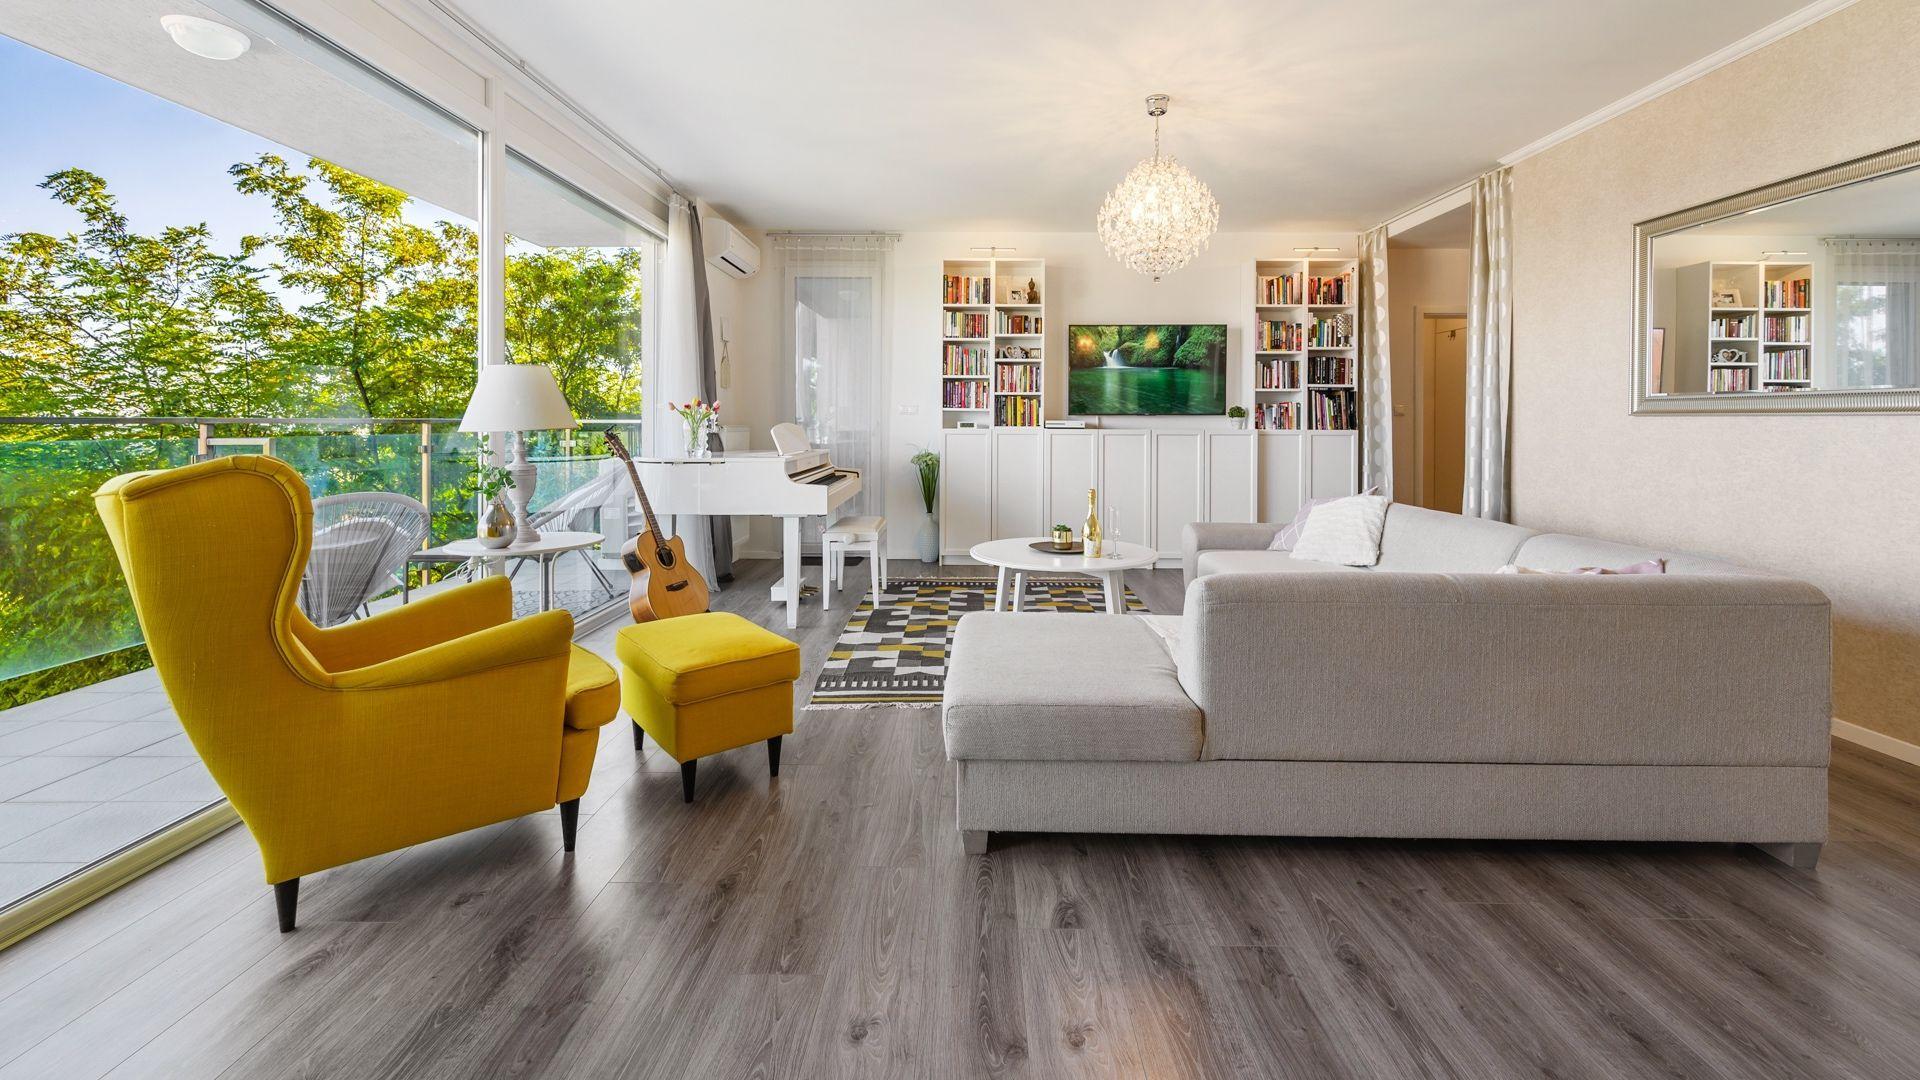 3-izbový byt-Predaj-Bratislava - mestská časť Nové Mesto-369000.00 €